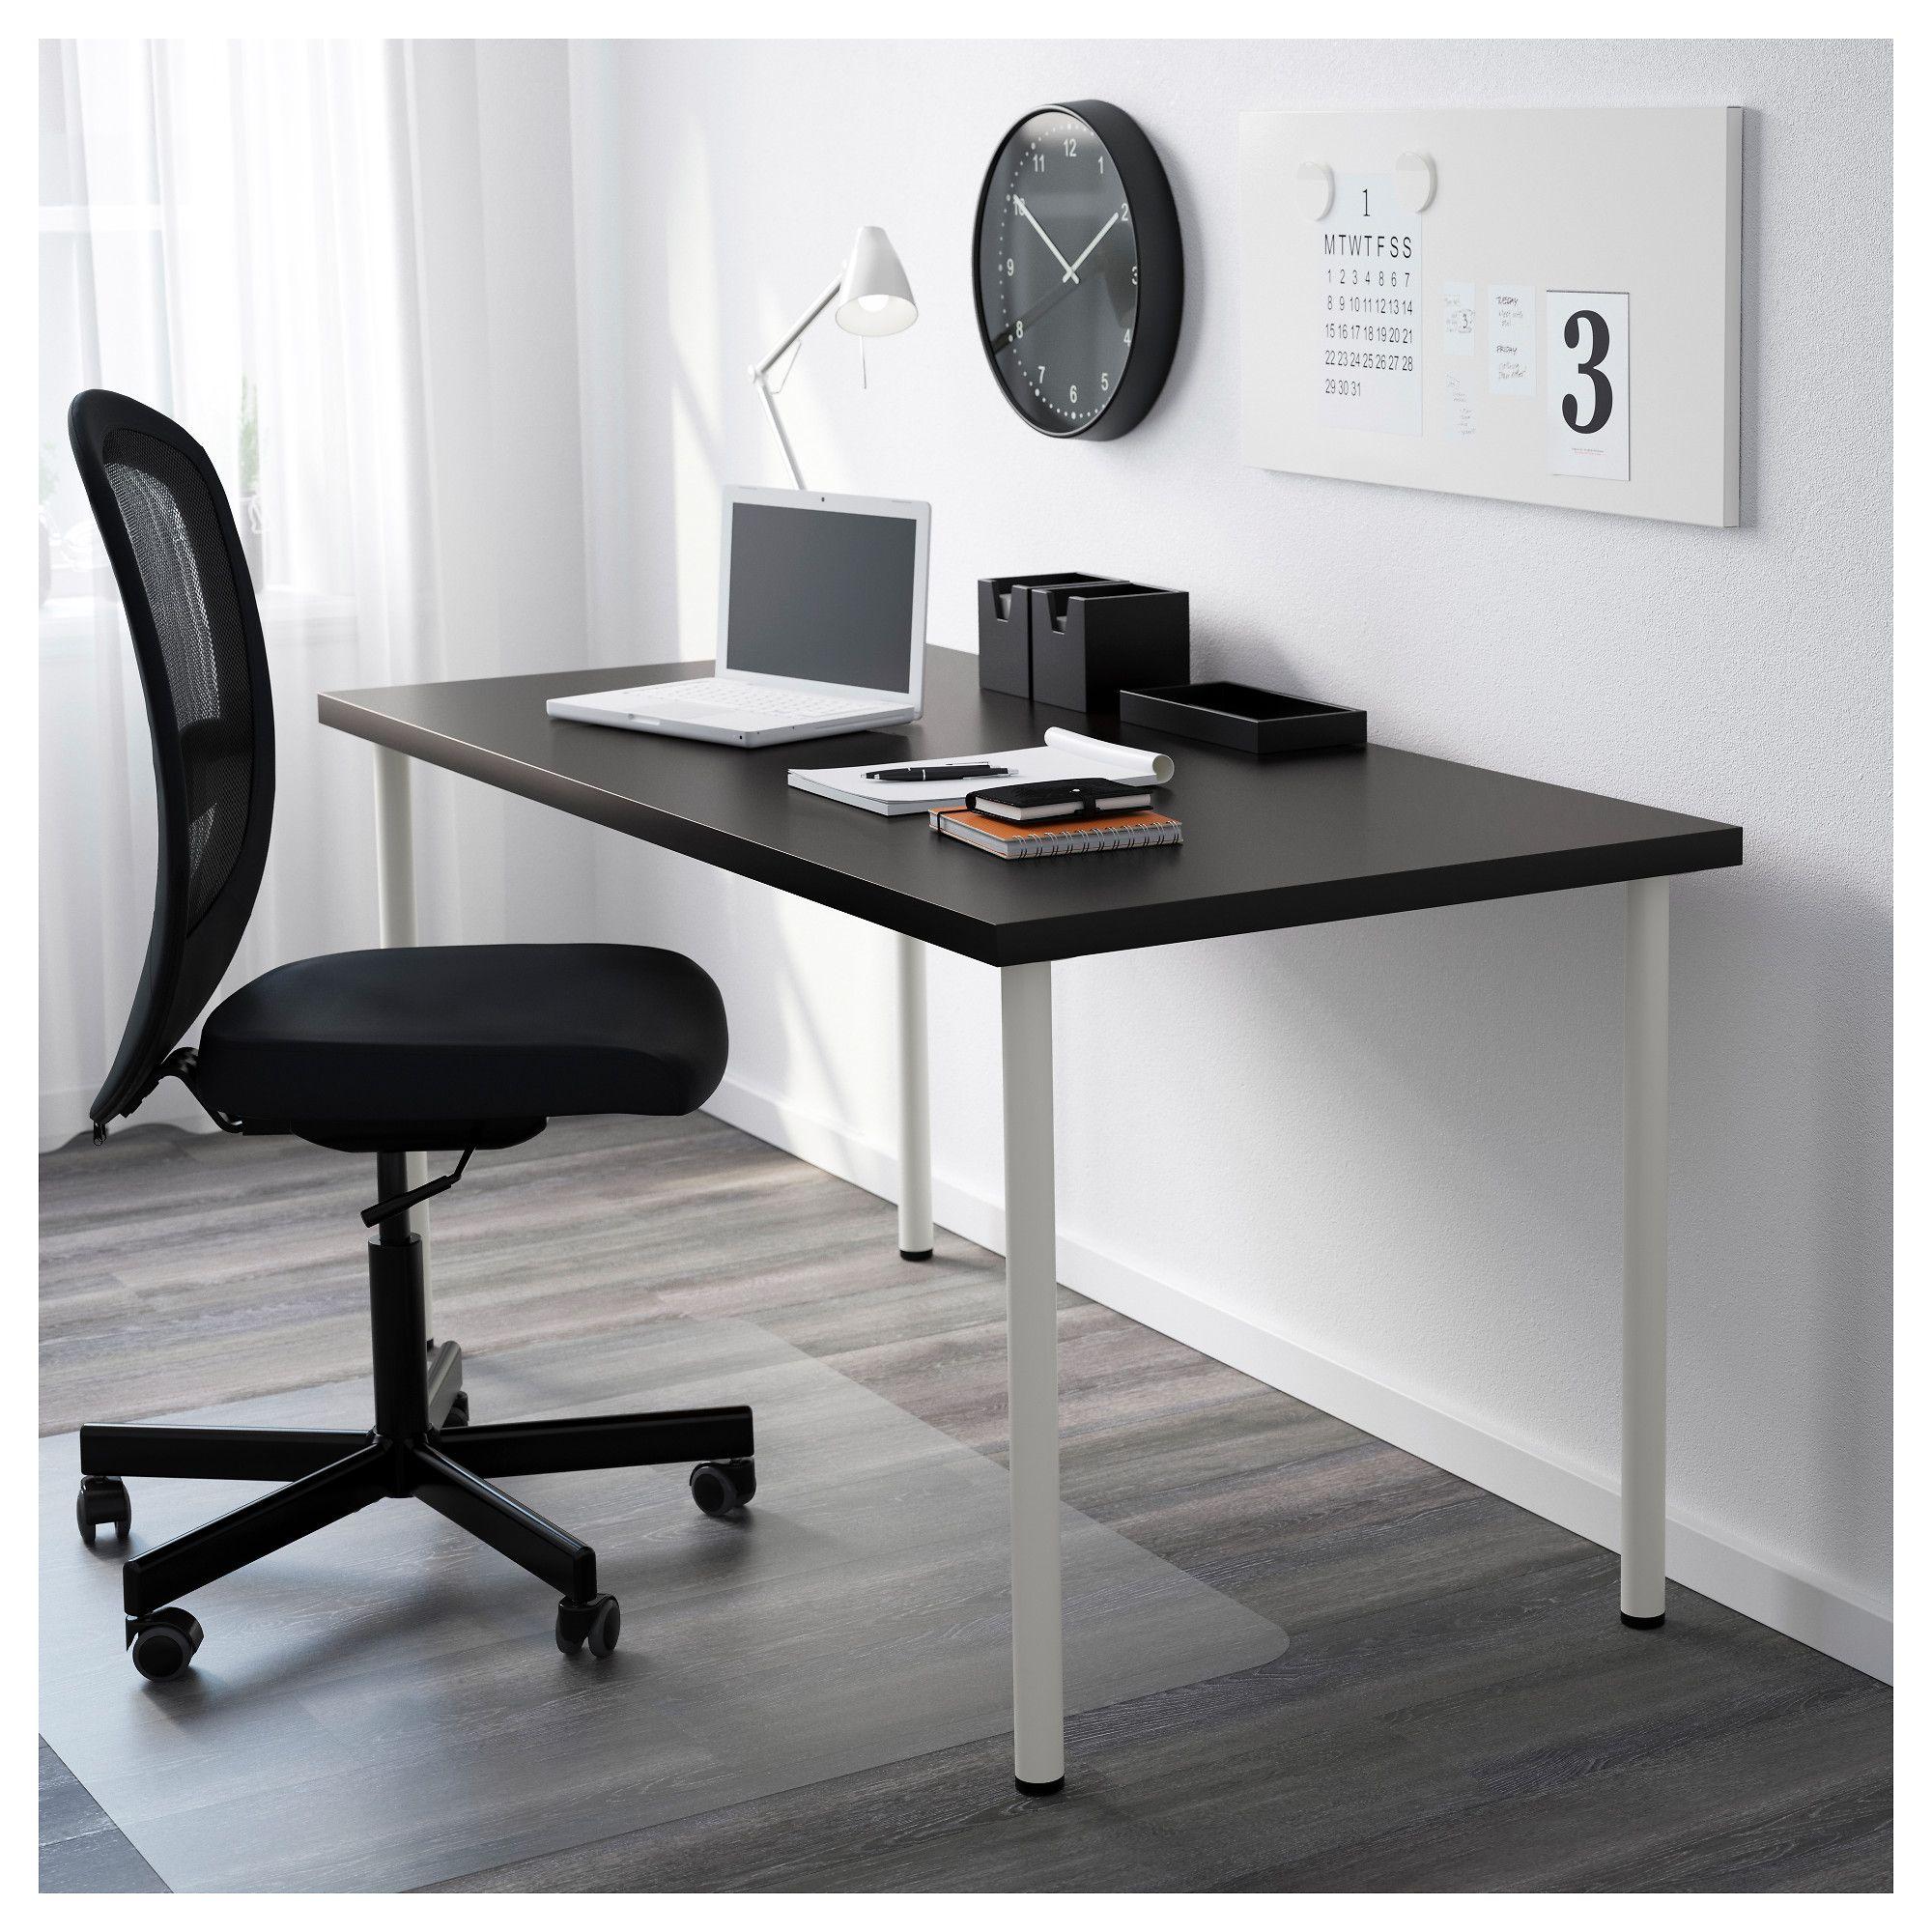 Ikea whiteblack desk table Linnmon